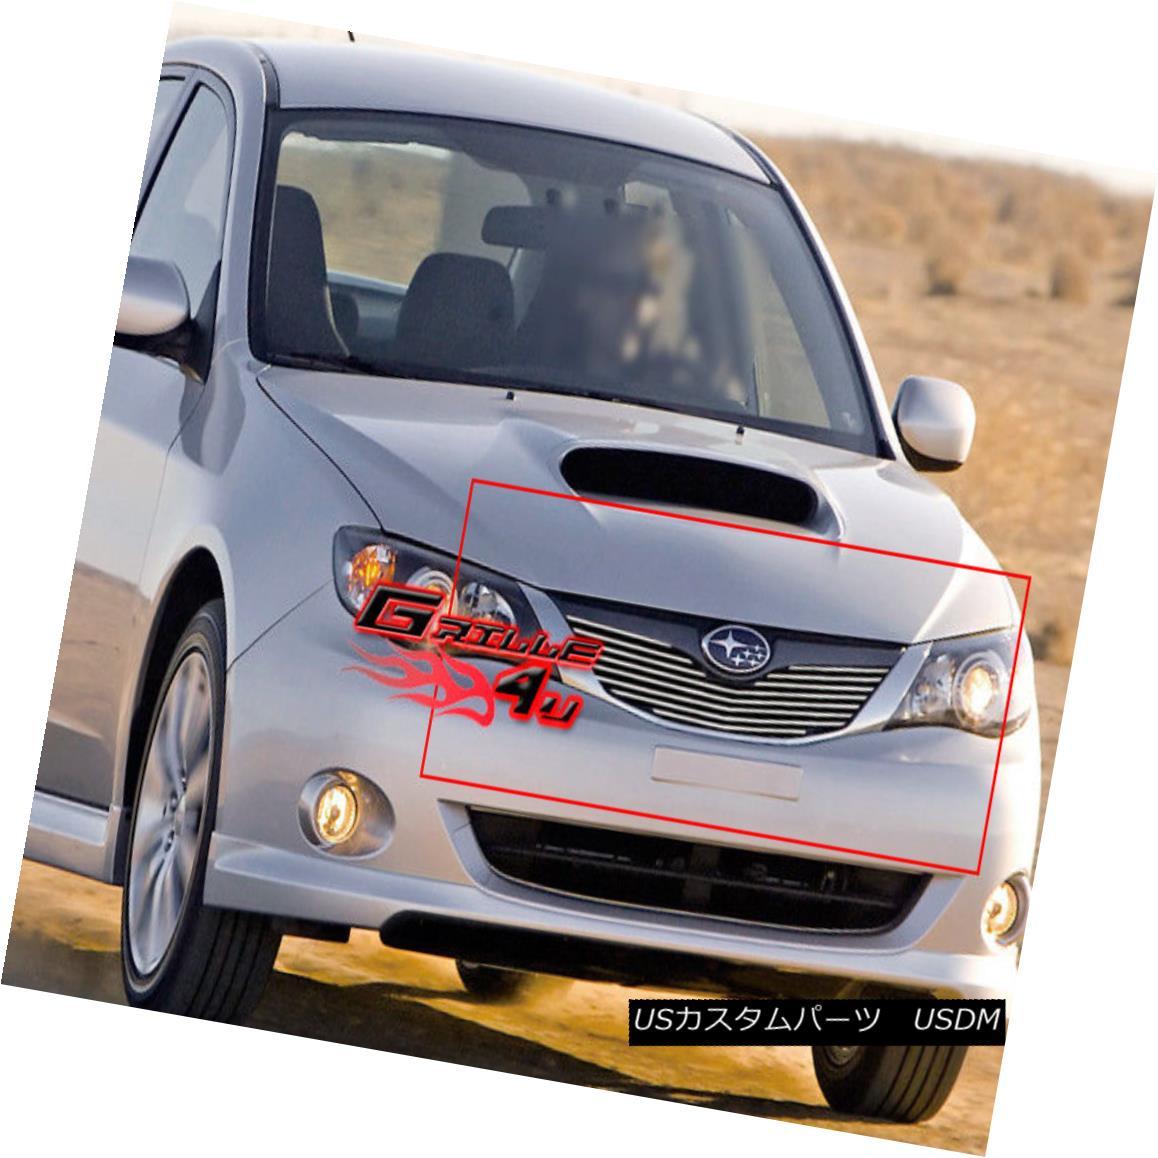 グリル Fits 09-11 2011 Subaru Impreza Main Upper Billet Grille Insert フィット2011年9月11日スバルインプレッサメインアッパービレットグリルインサート